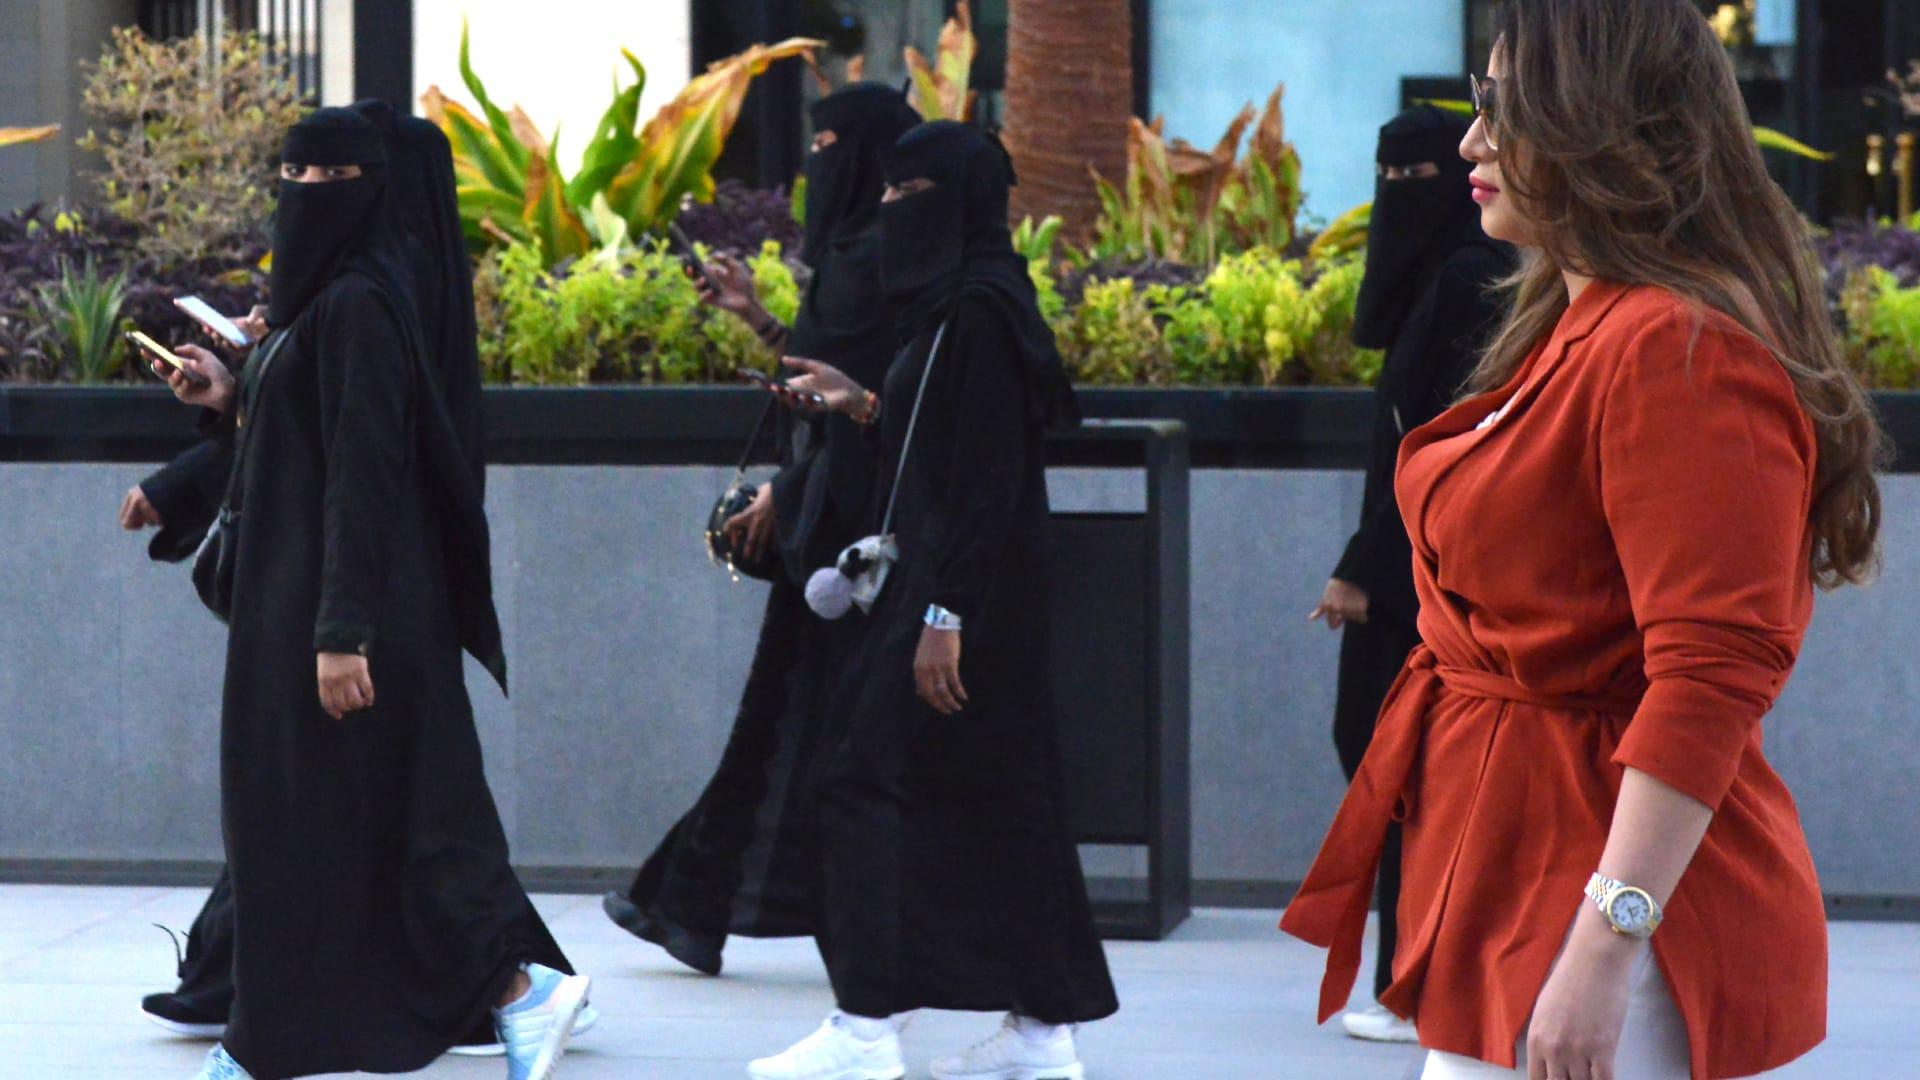 Loulwa Al Sharif